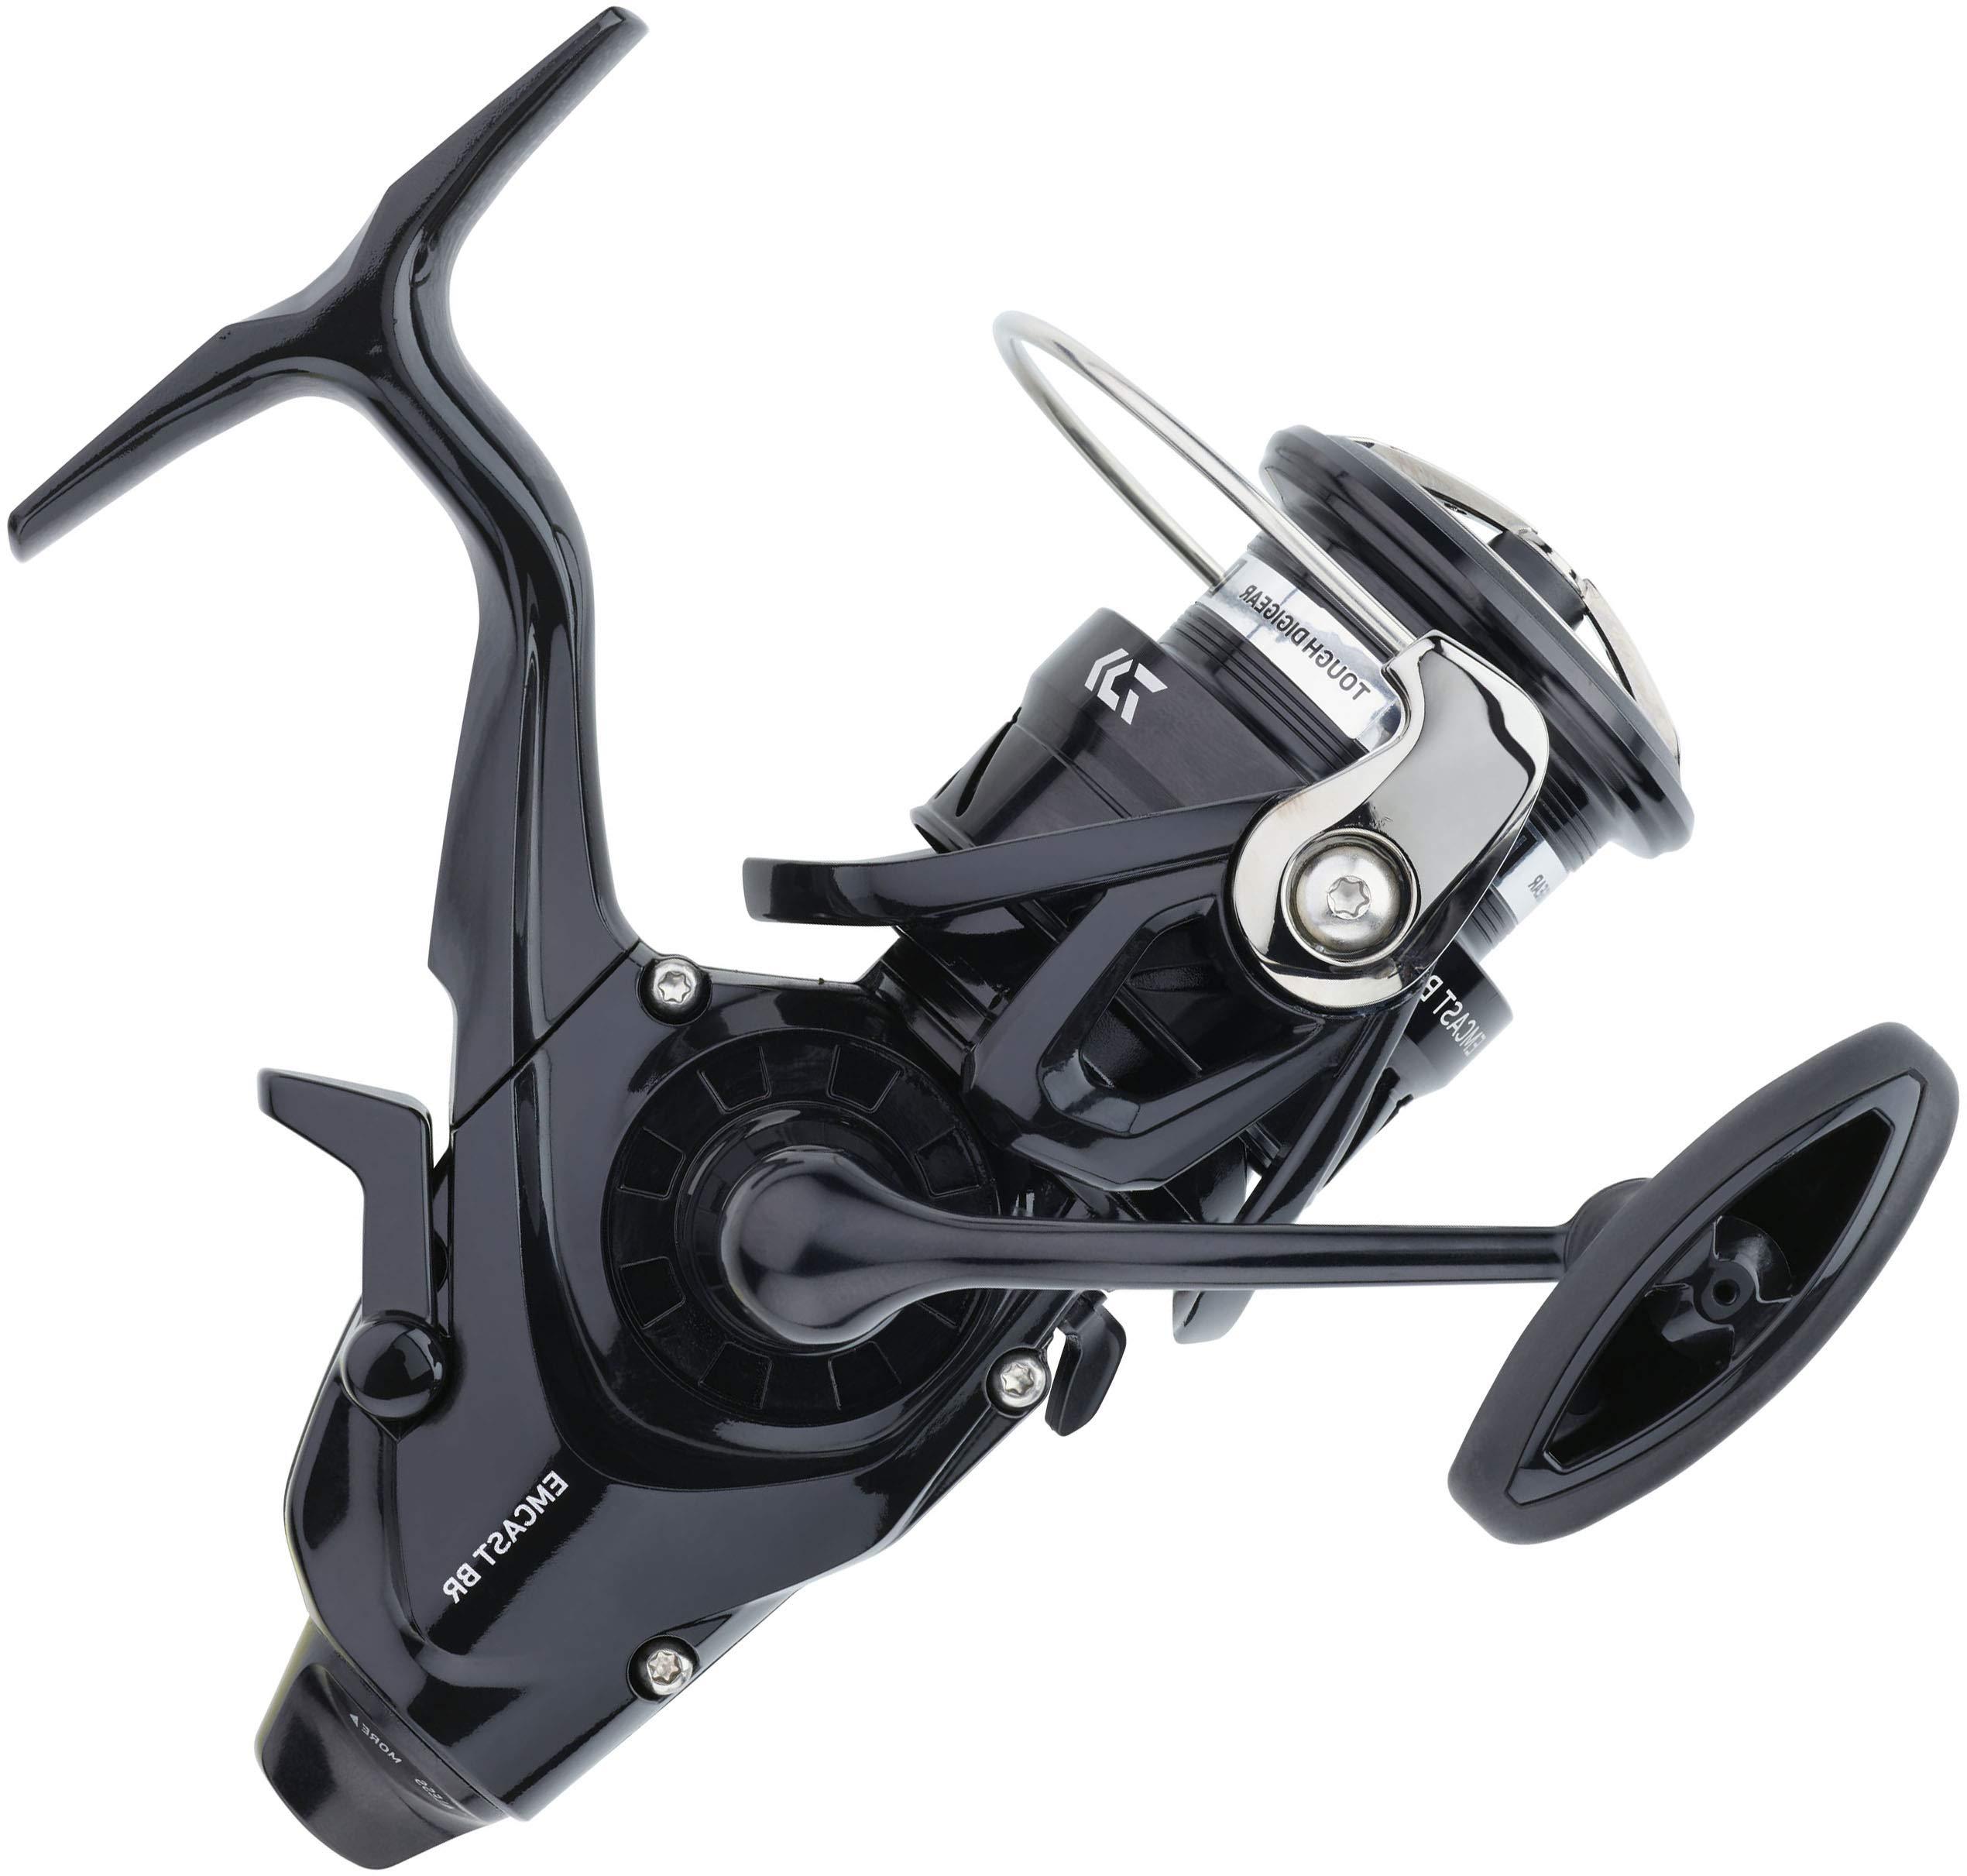 JAPAN DAIWA Moulinet Spinning Emcast BR 19Lt 3000-300g - Cap.150m ...